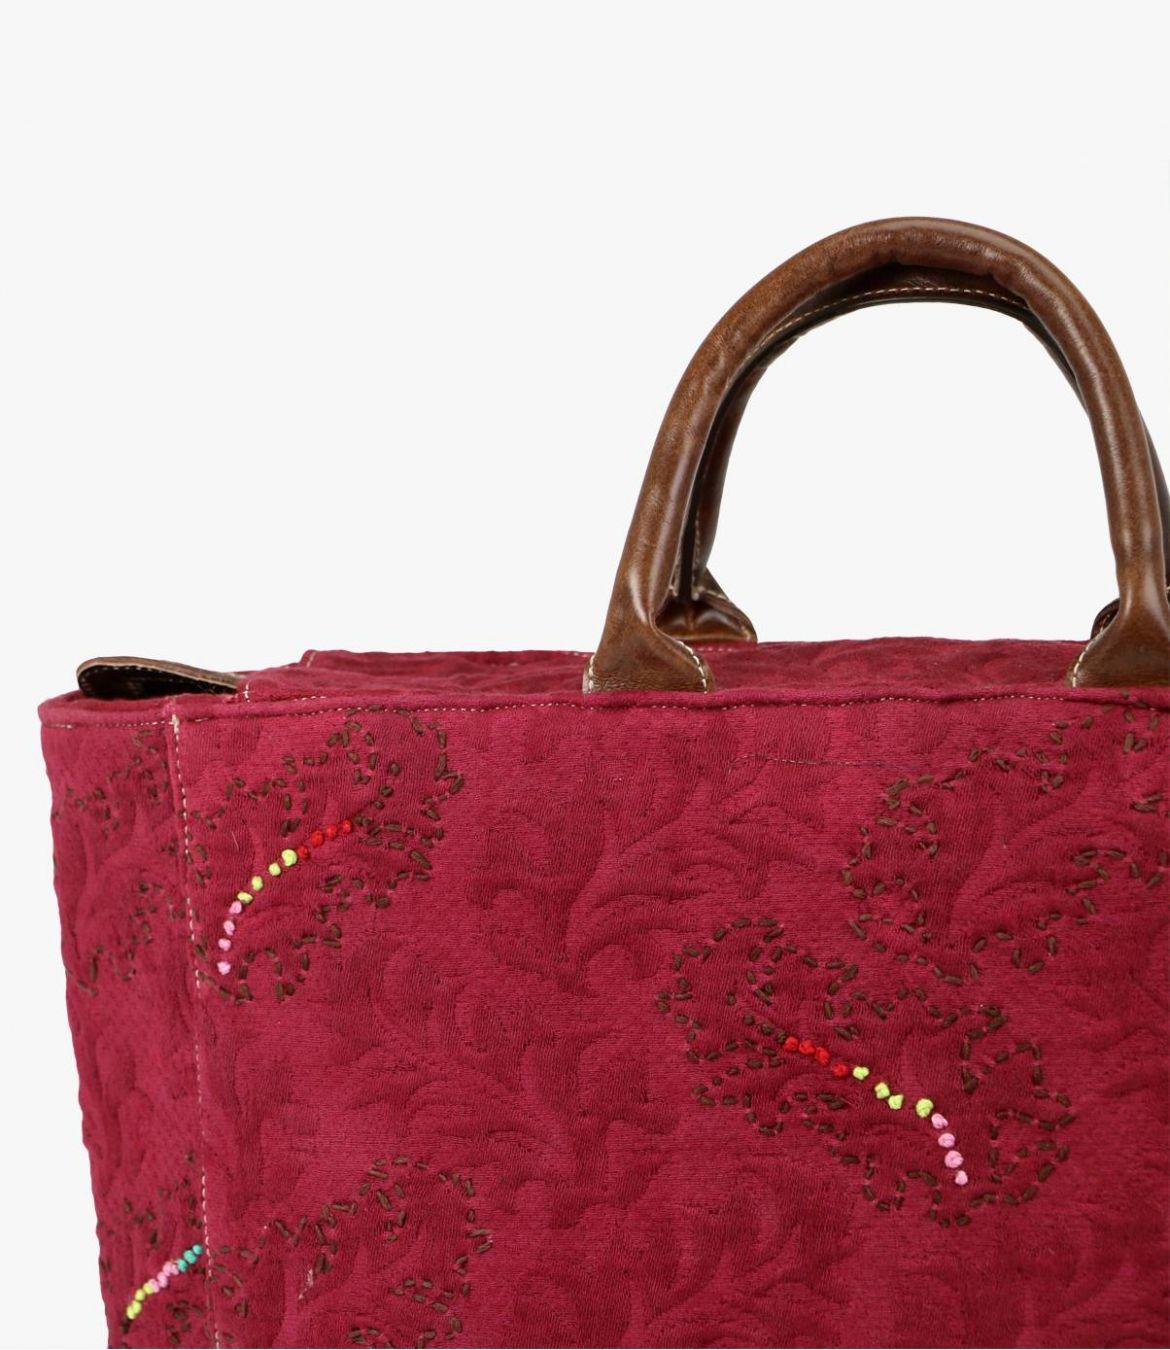 CITY - GAMME CITY Cotton Bag, Women's Leather 38x32x15cm Storiatipic - 8